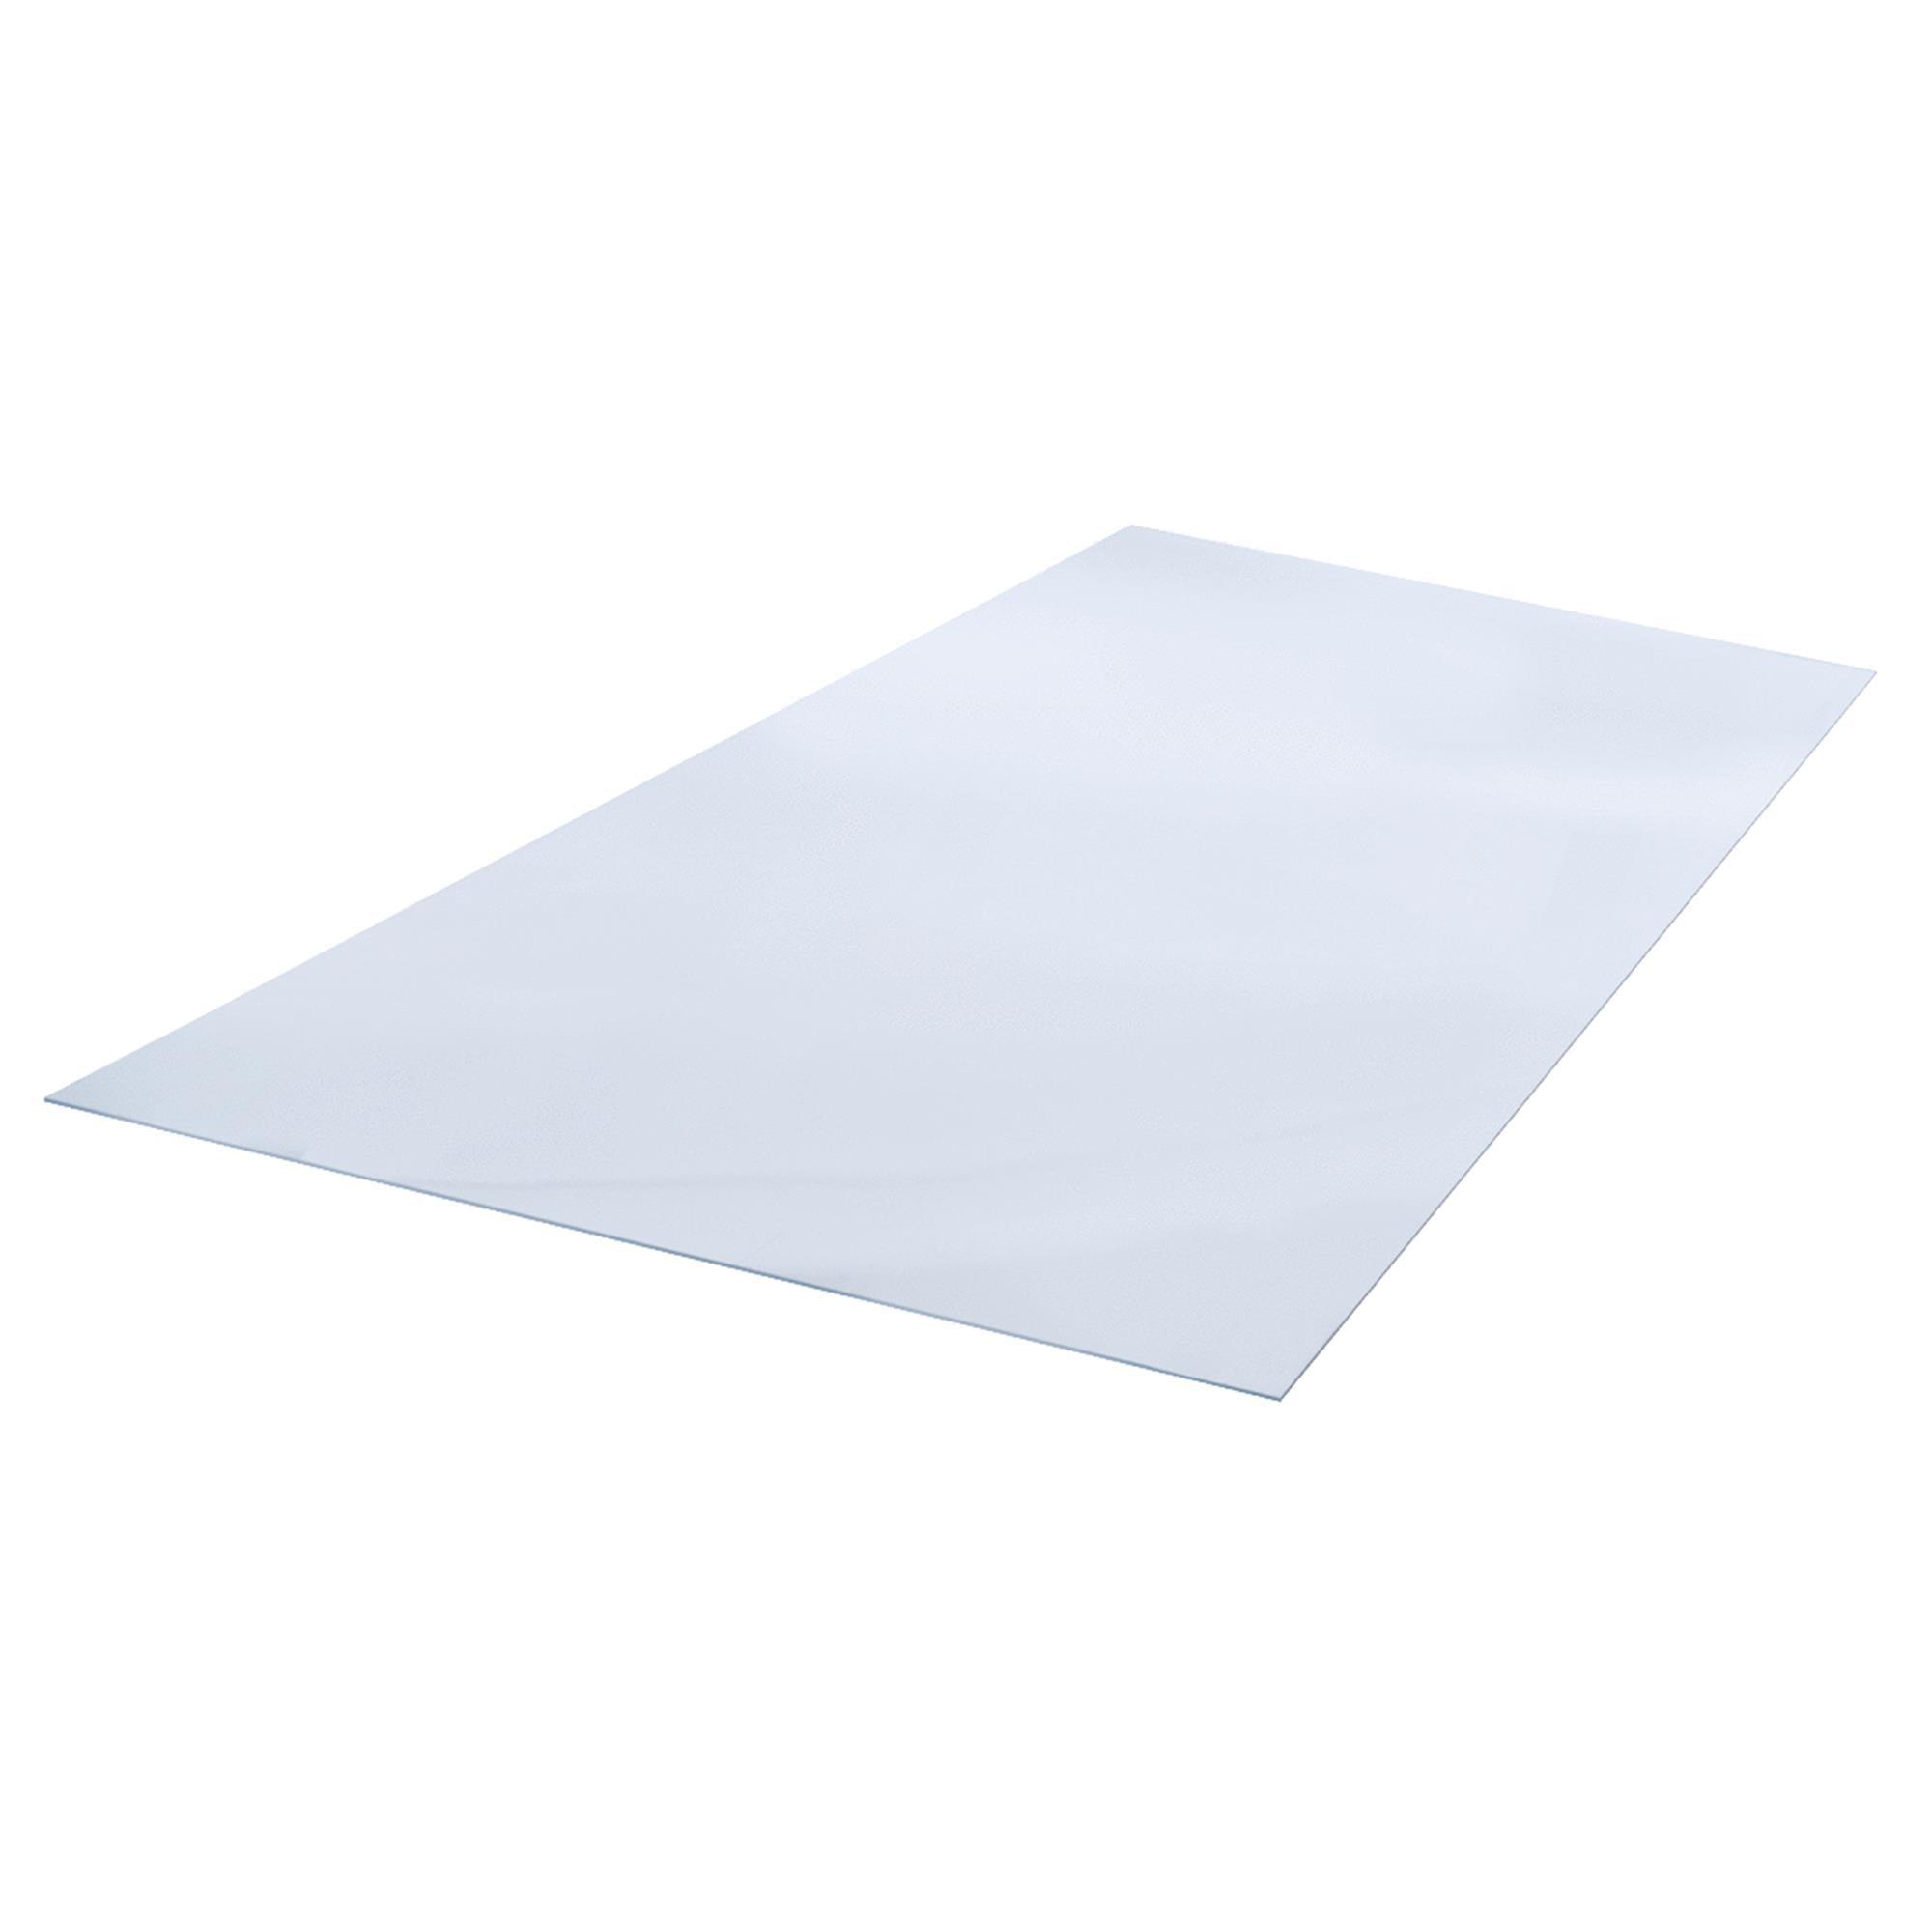 Plaskolite OPTIX Plexiglass Safety Glazing Acrylic Sheet